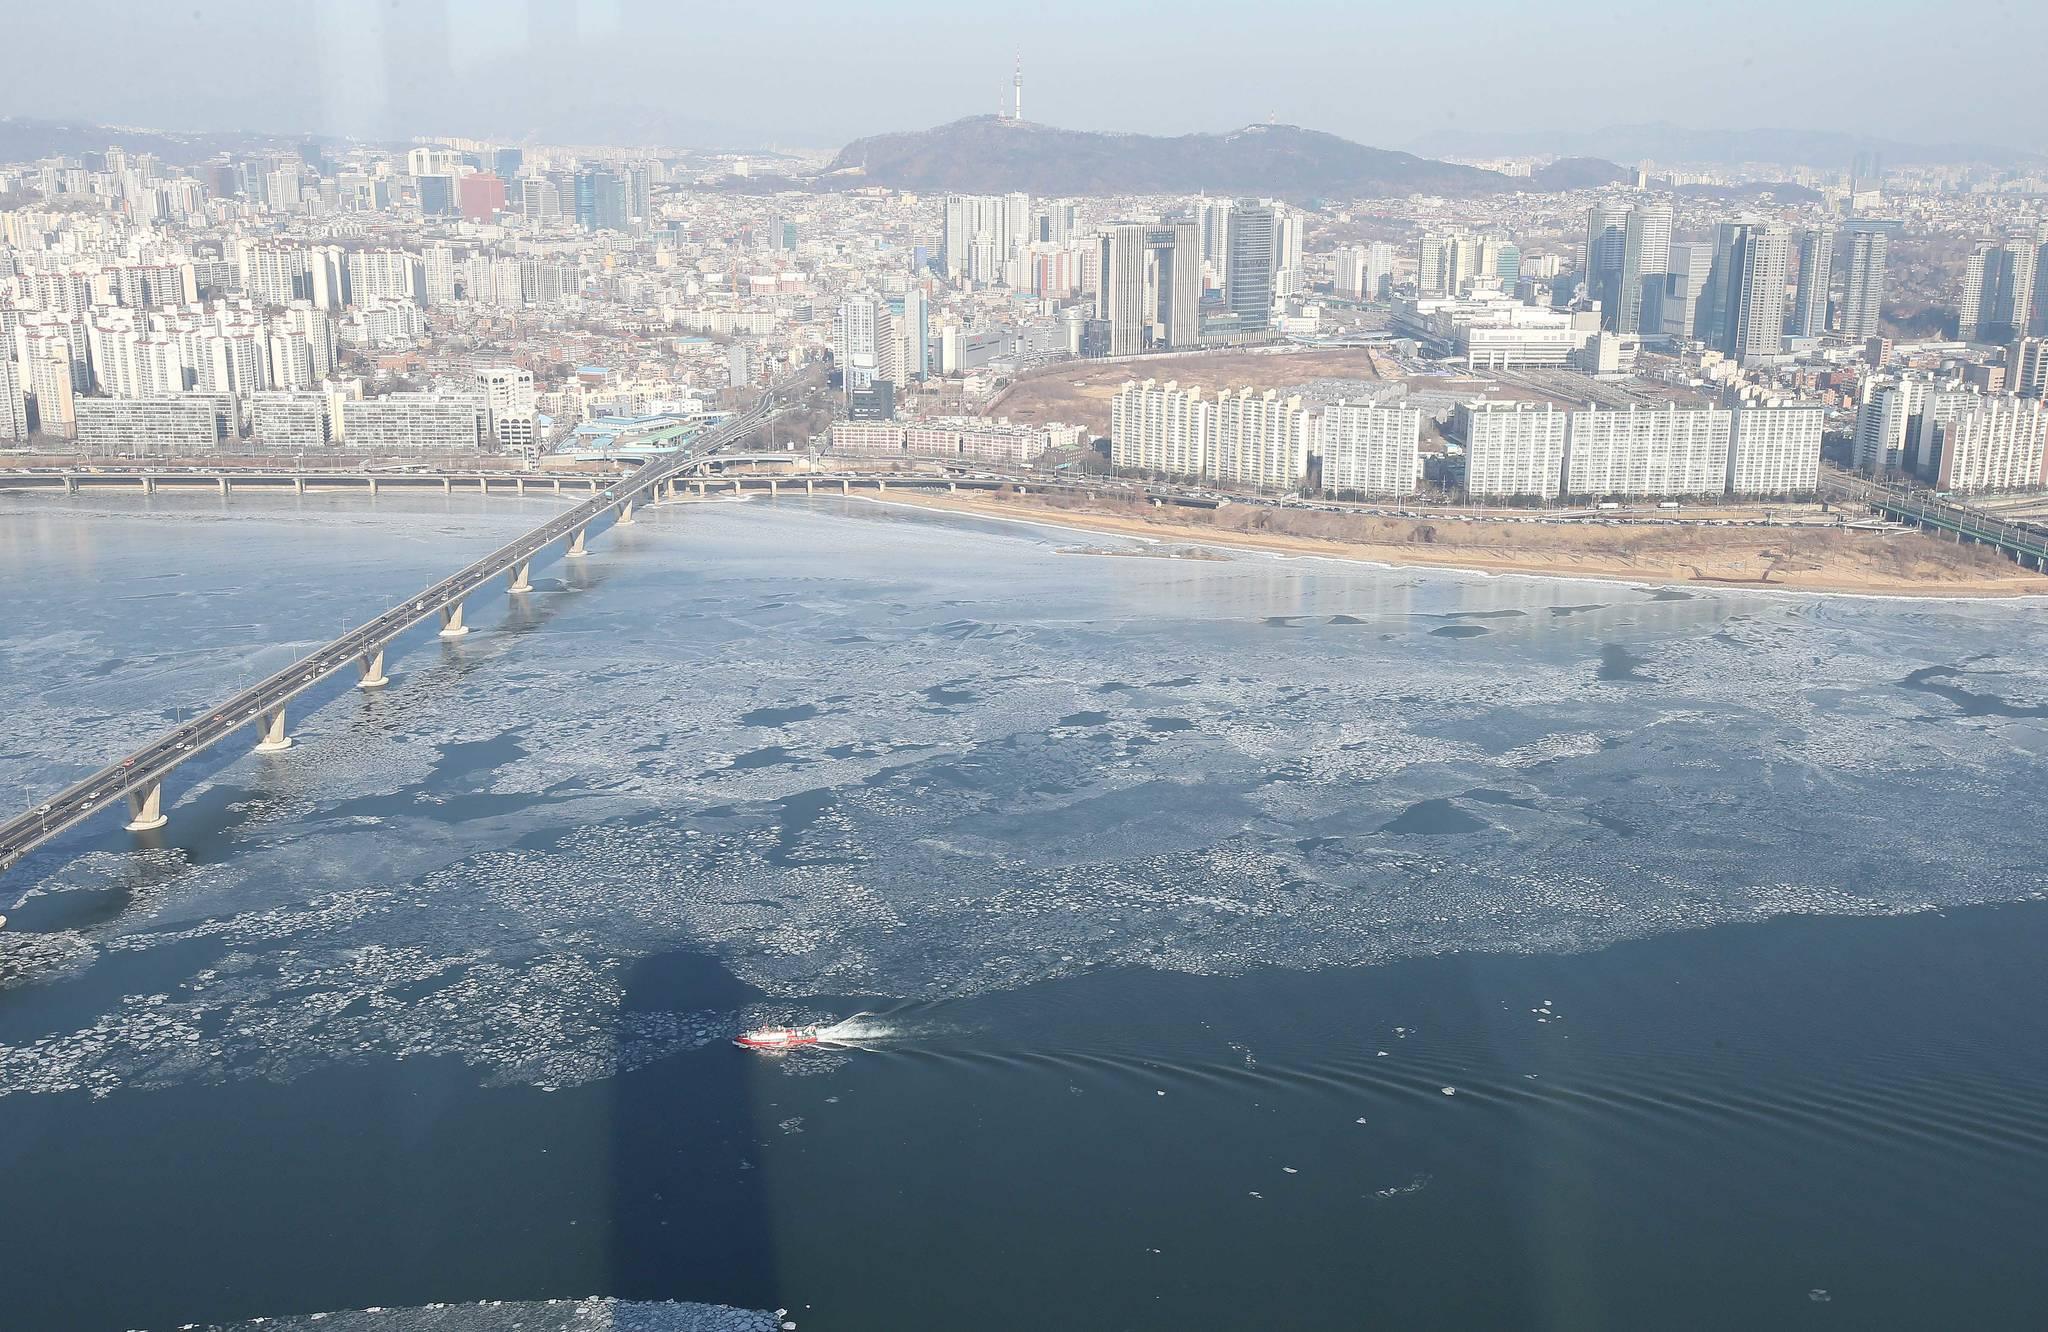 최강 한파가 몰아친 1월26일 서울 한강에서 119 구조선이 얼어붙은 한강 얼음을 깨며 운행하고 있다.